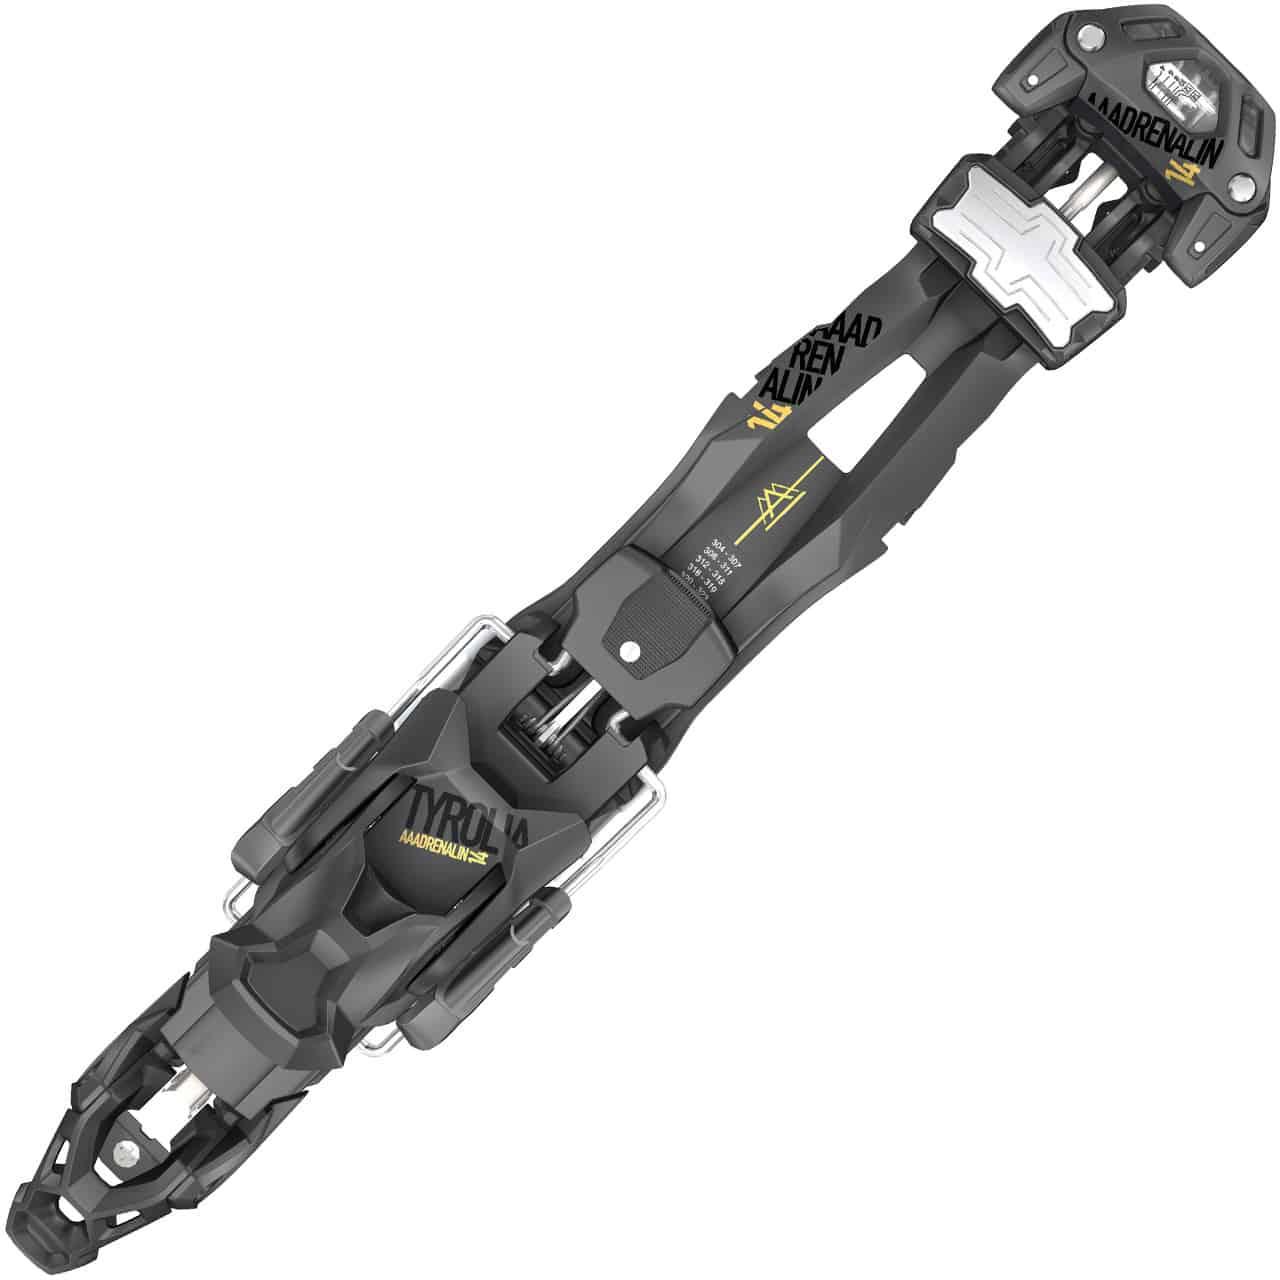 TYROLIA 95mm Brake Stopper SKI binding 163040 ADRENALIN 16 AT